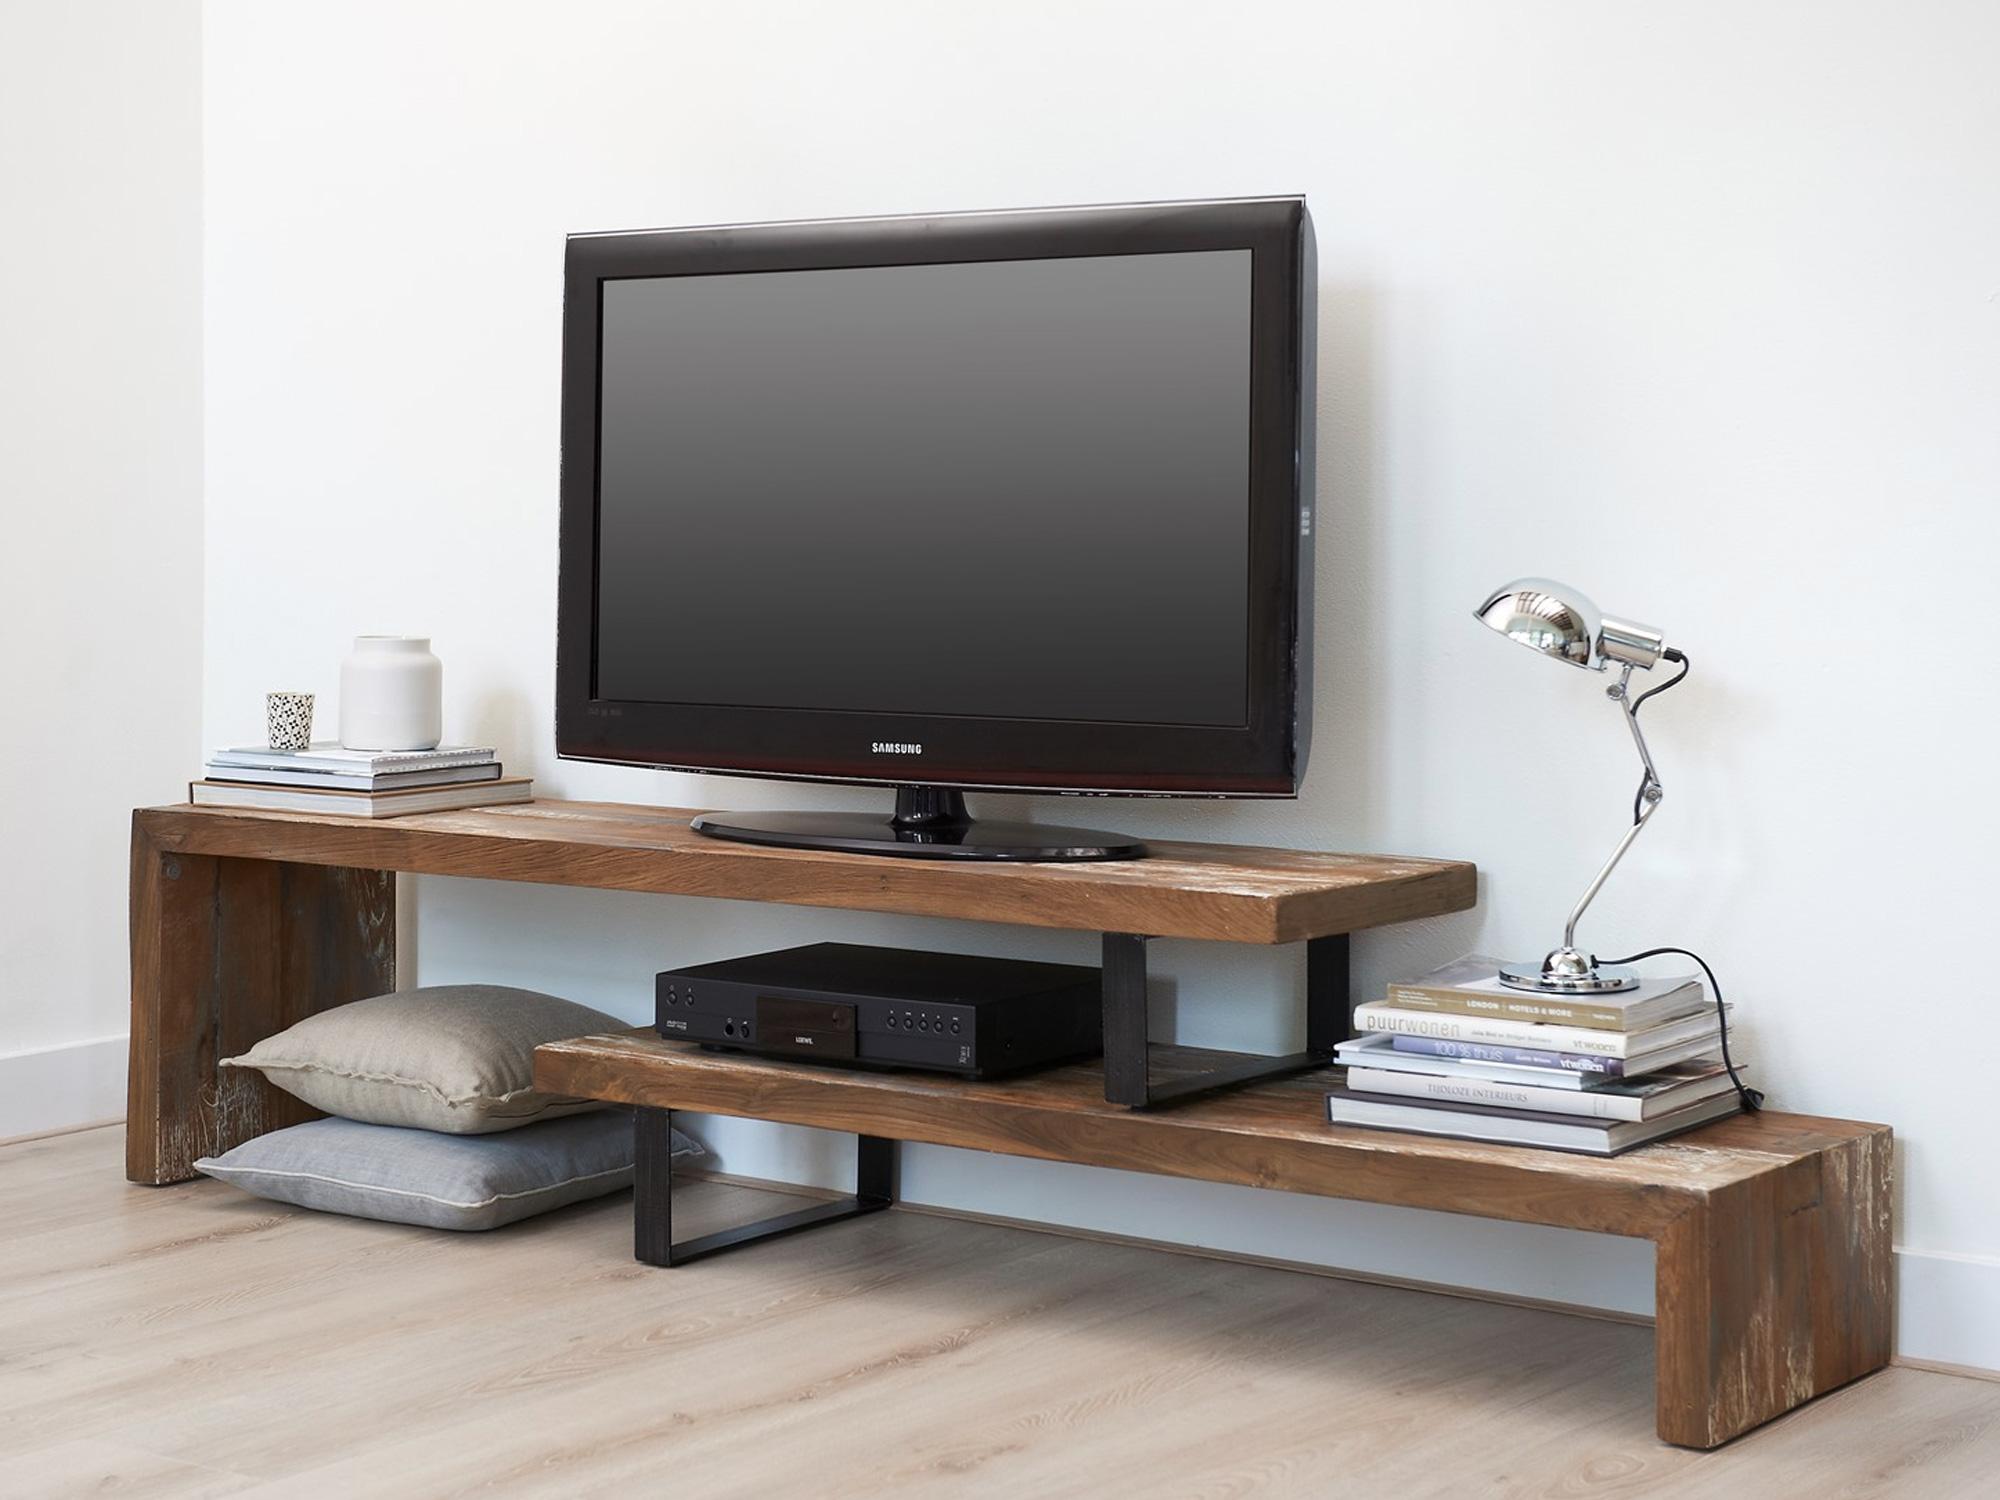 Lang Tv Meubel.Teakhout Tv Meubel Taste D Bodhi Met 2 Planken Forn Maatwerk